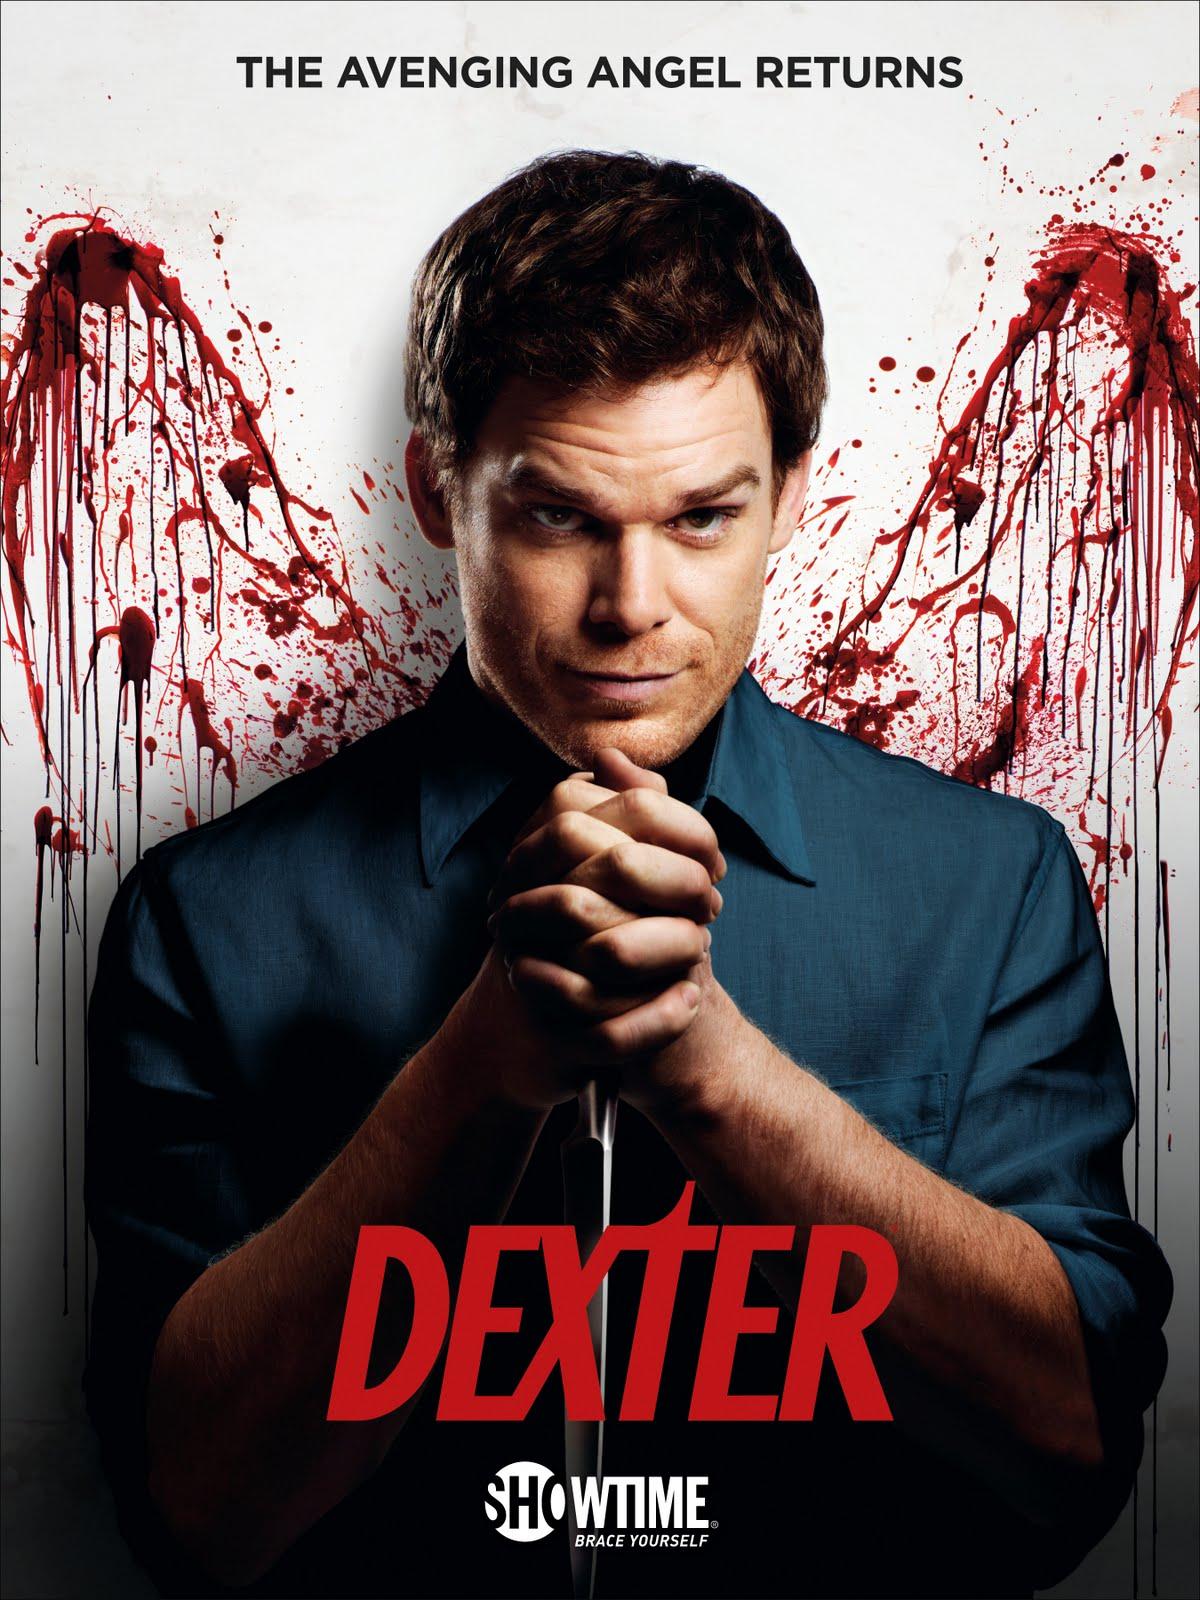 Это был не самый удачный сезон Декстера. Назвать его плохим, слабым или провальным язык не поворачивается, поэтому о ... - Изображение 1